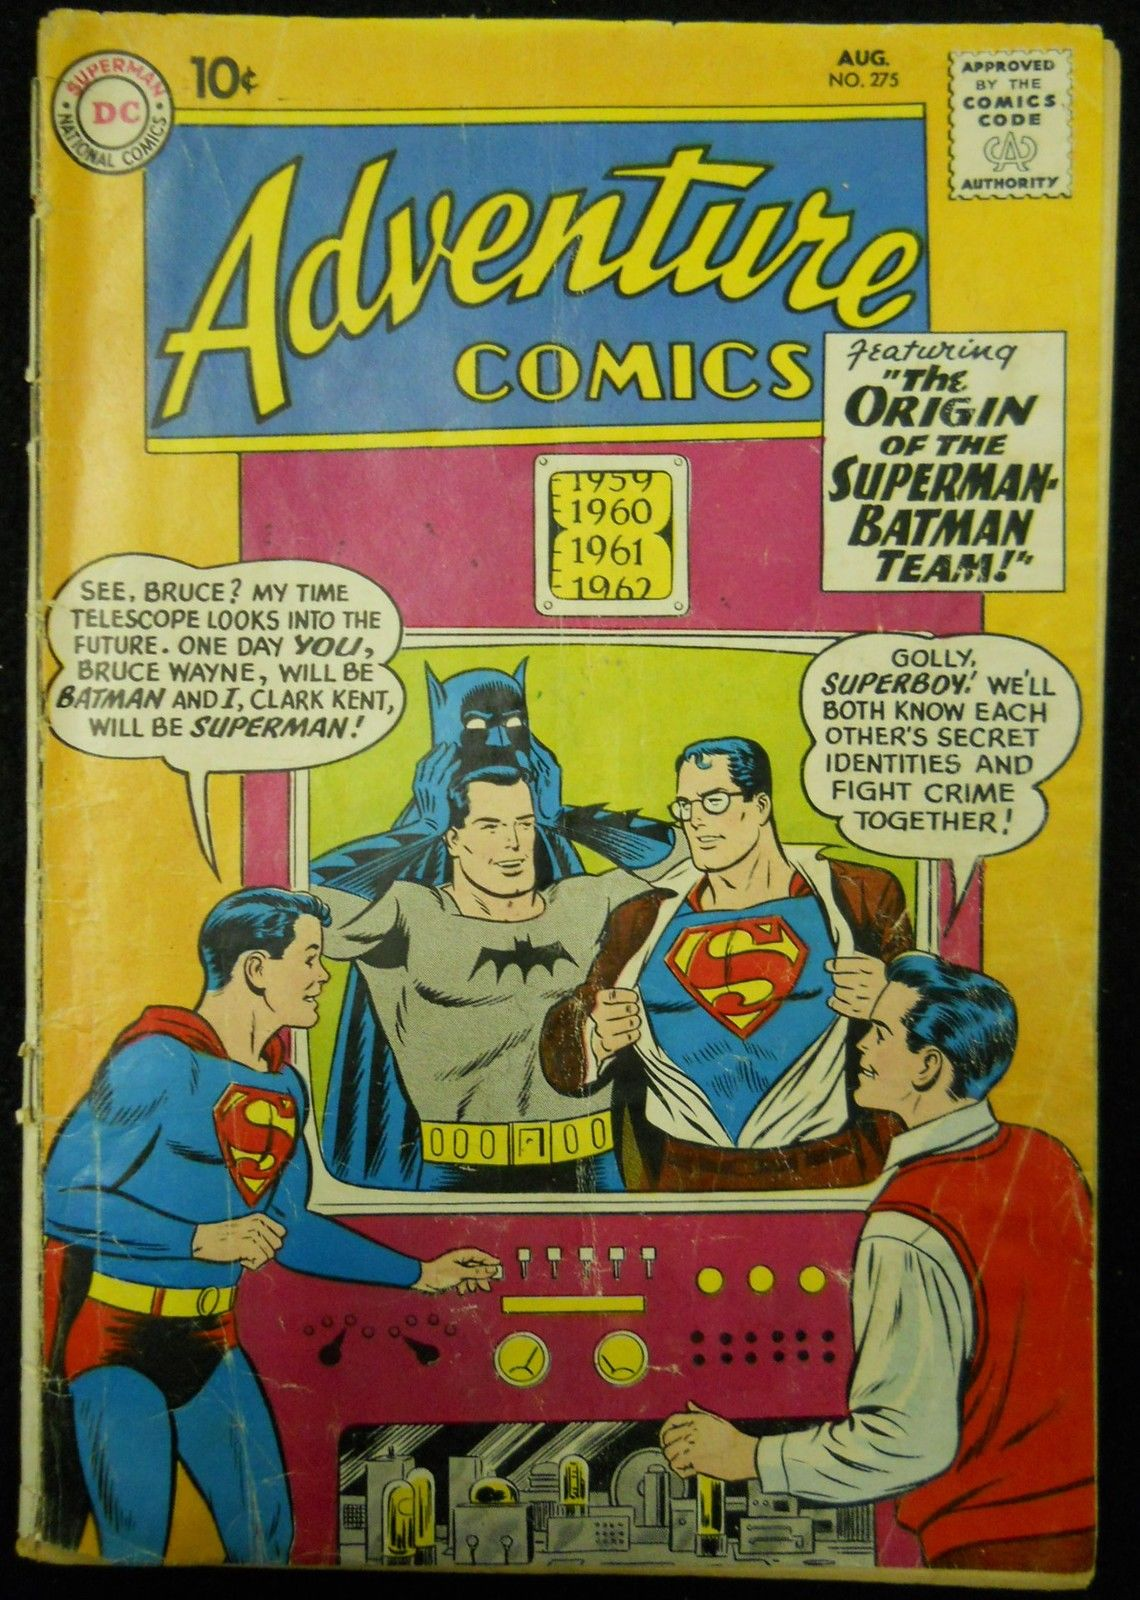 Marvel Toys The Avenger Endgame 30cm Movie Super Hero